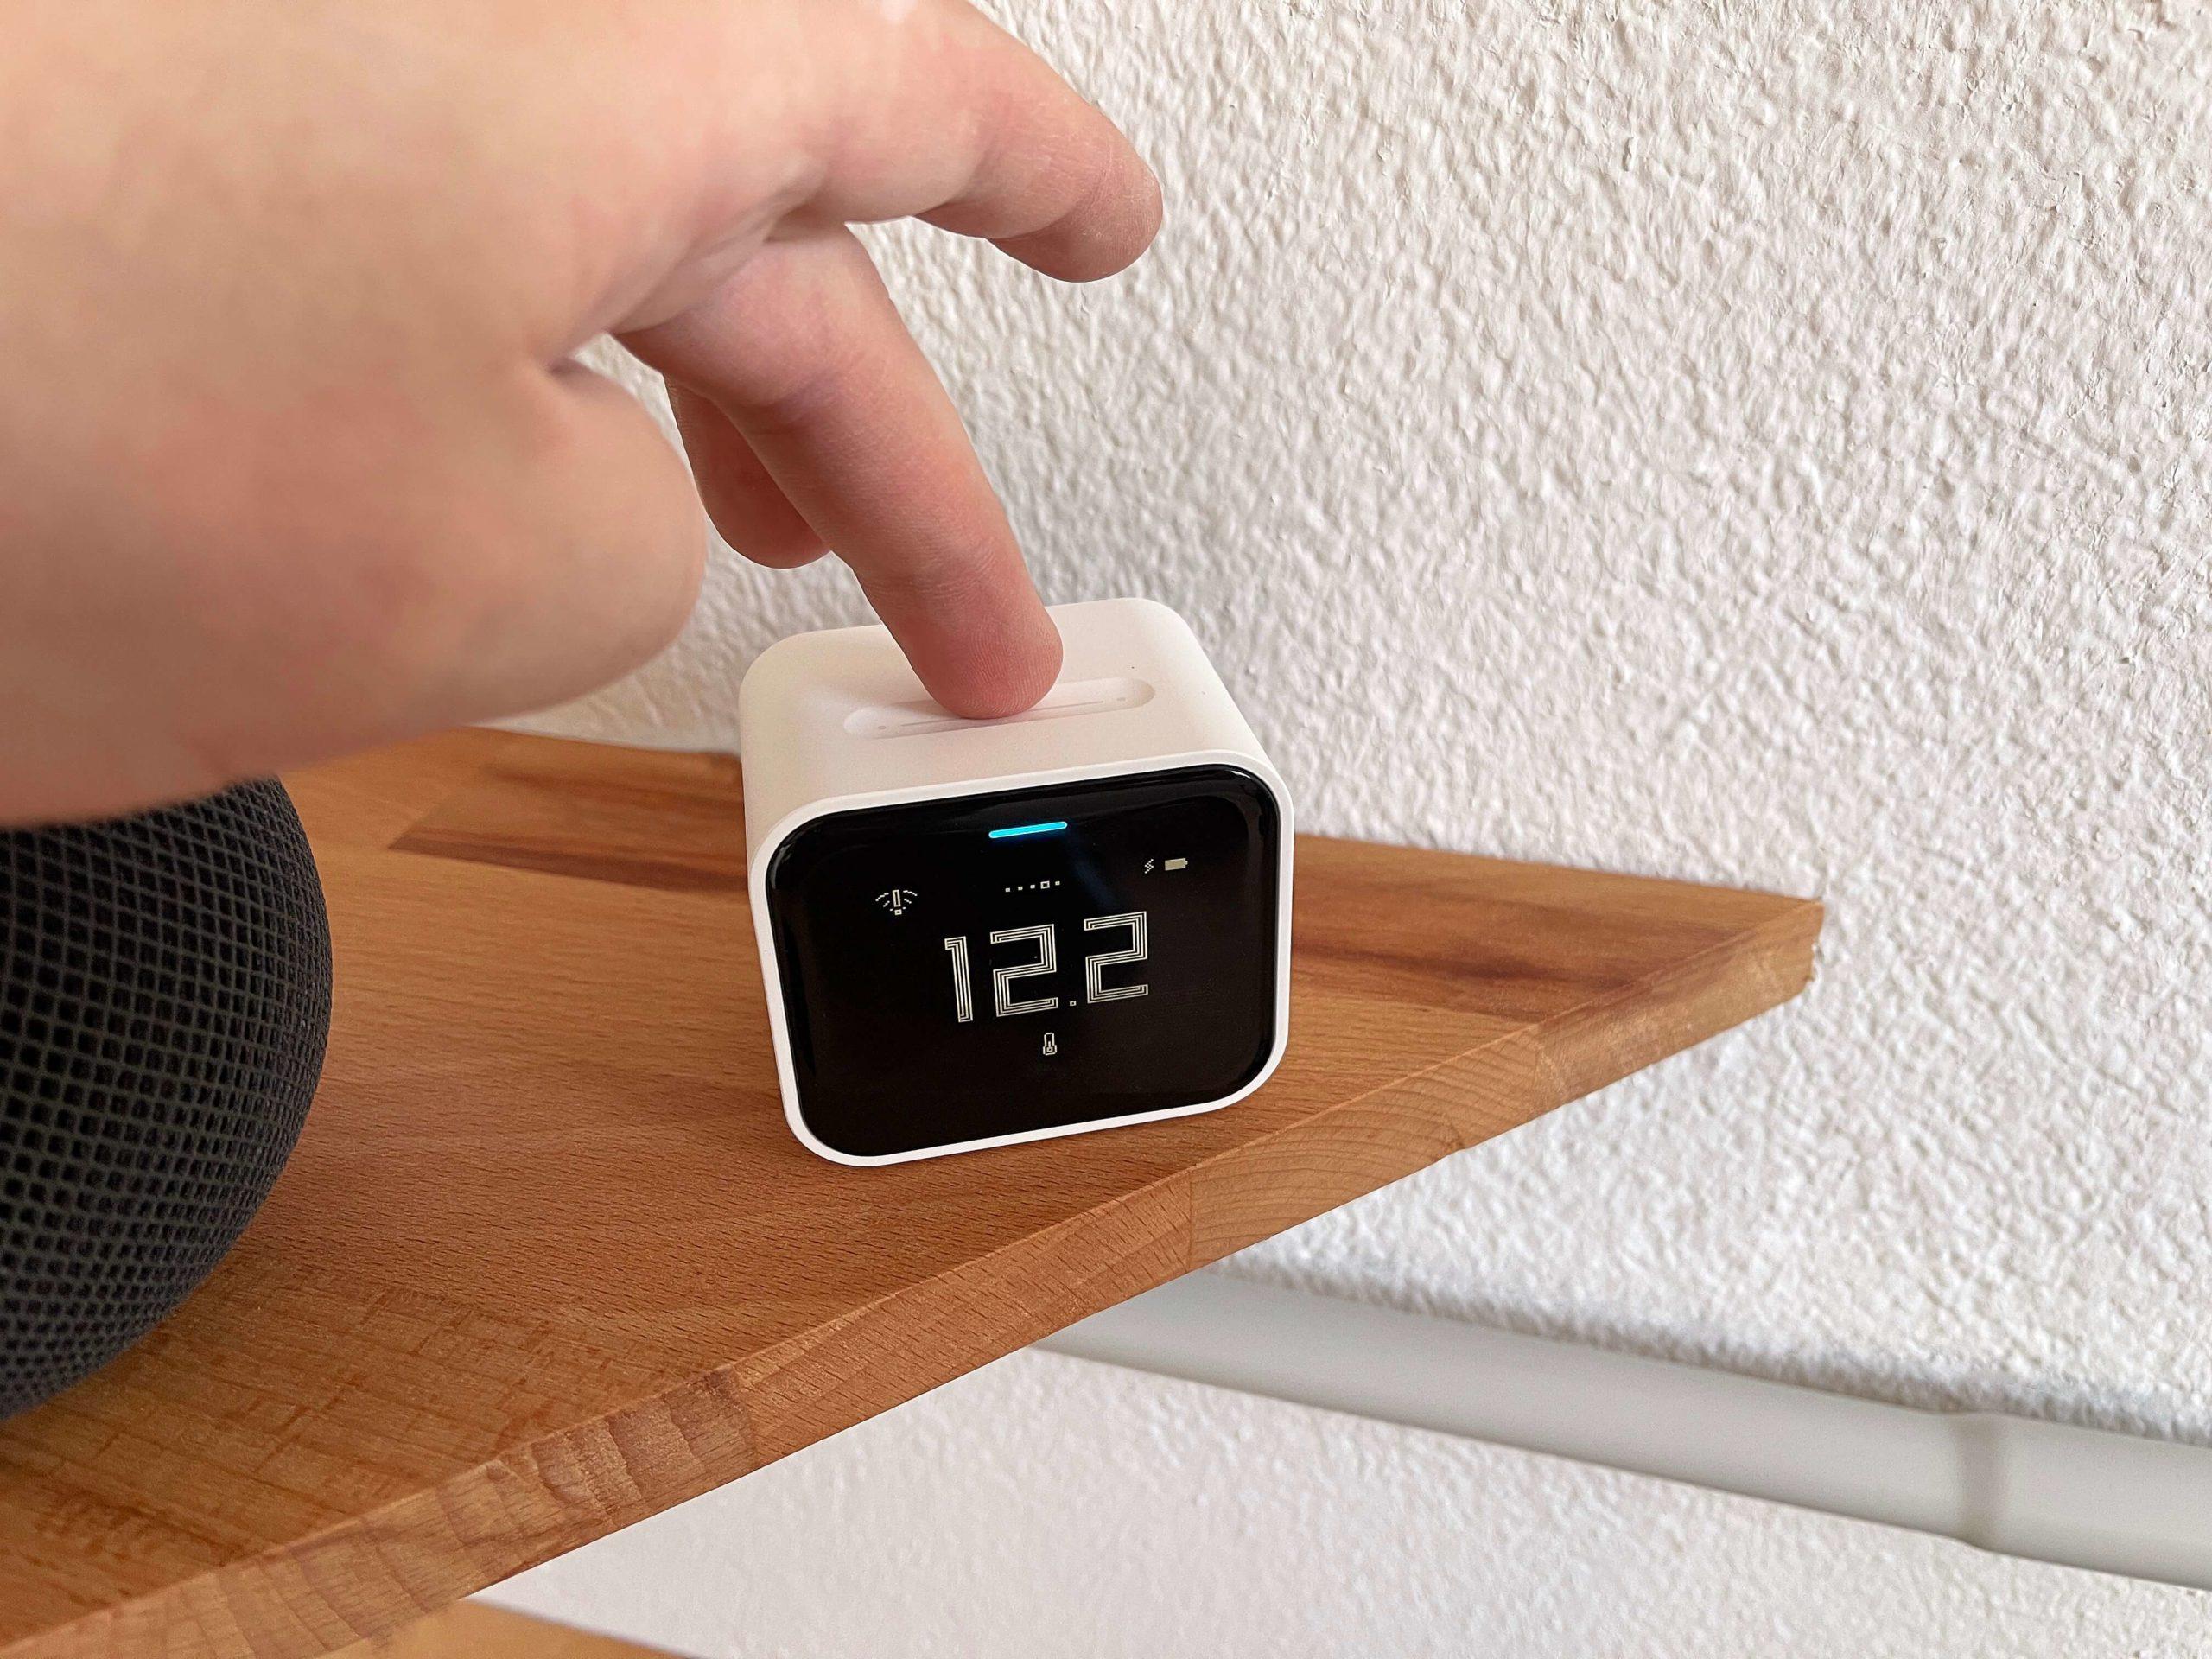 Luftdetektor-von-Cleargrass-das-Raumklima-via-Apple-HomeKit-im-Blick4-scaled Luftdetektor von Cleargrass - das Raumklima via Apple HomeKit im Blick